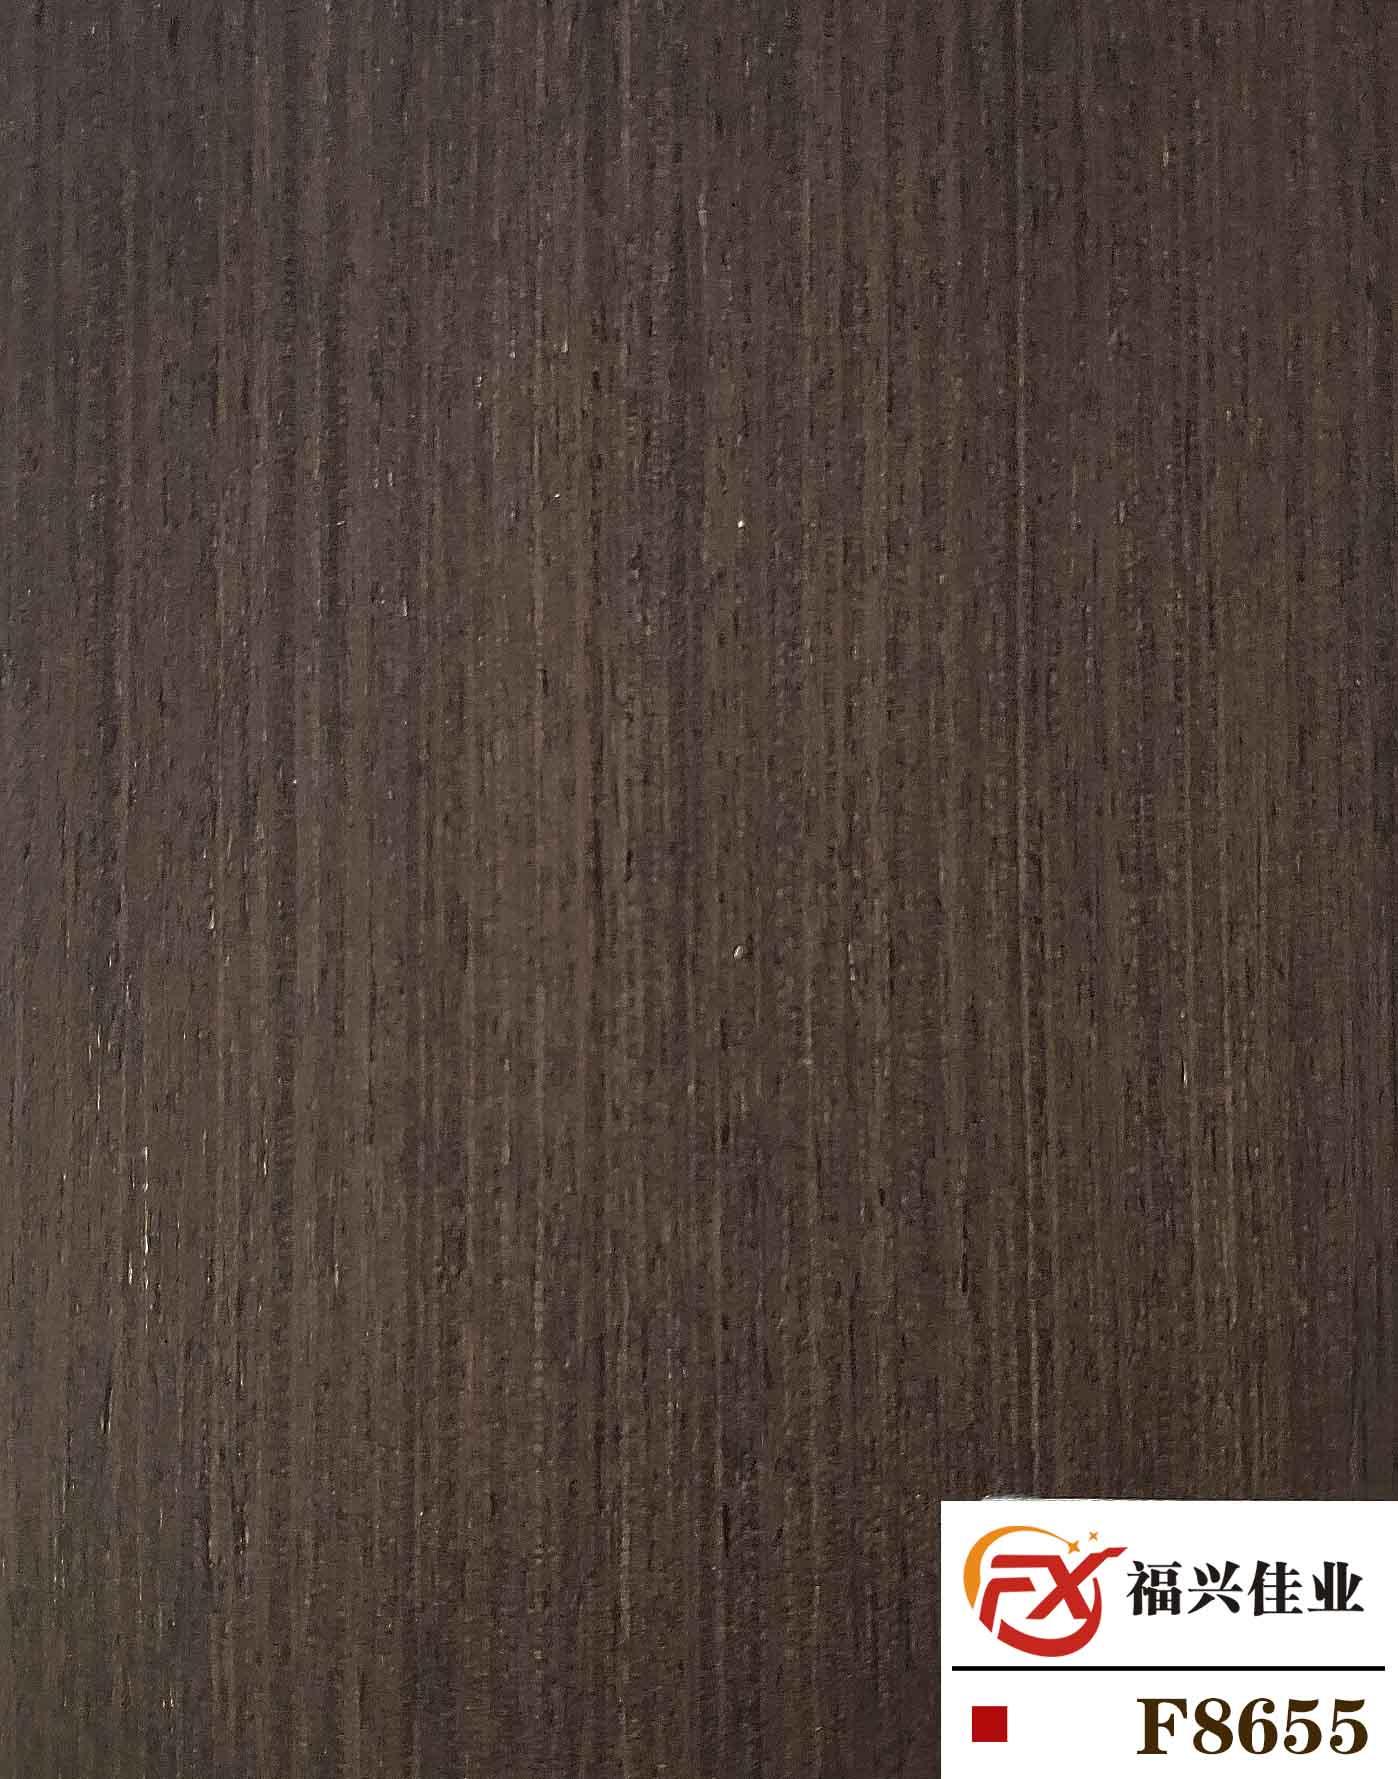 木饰面板价格